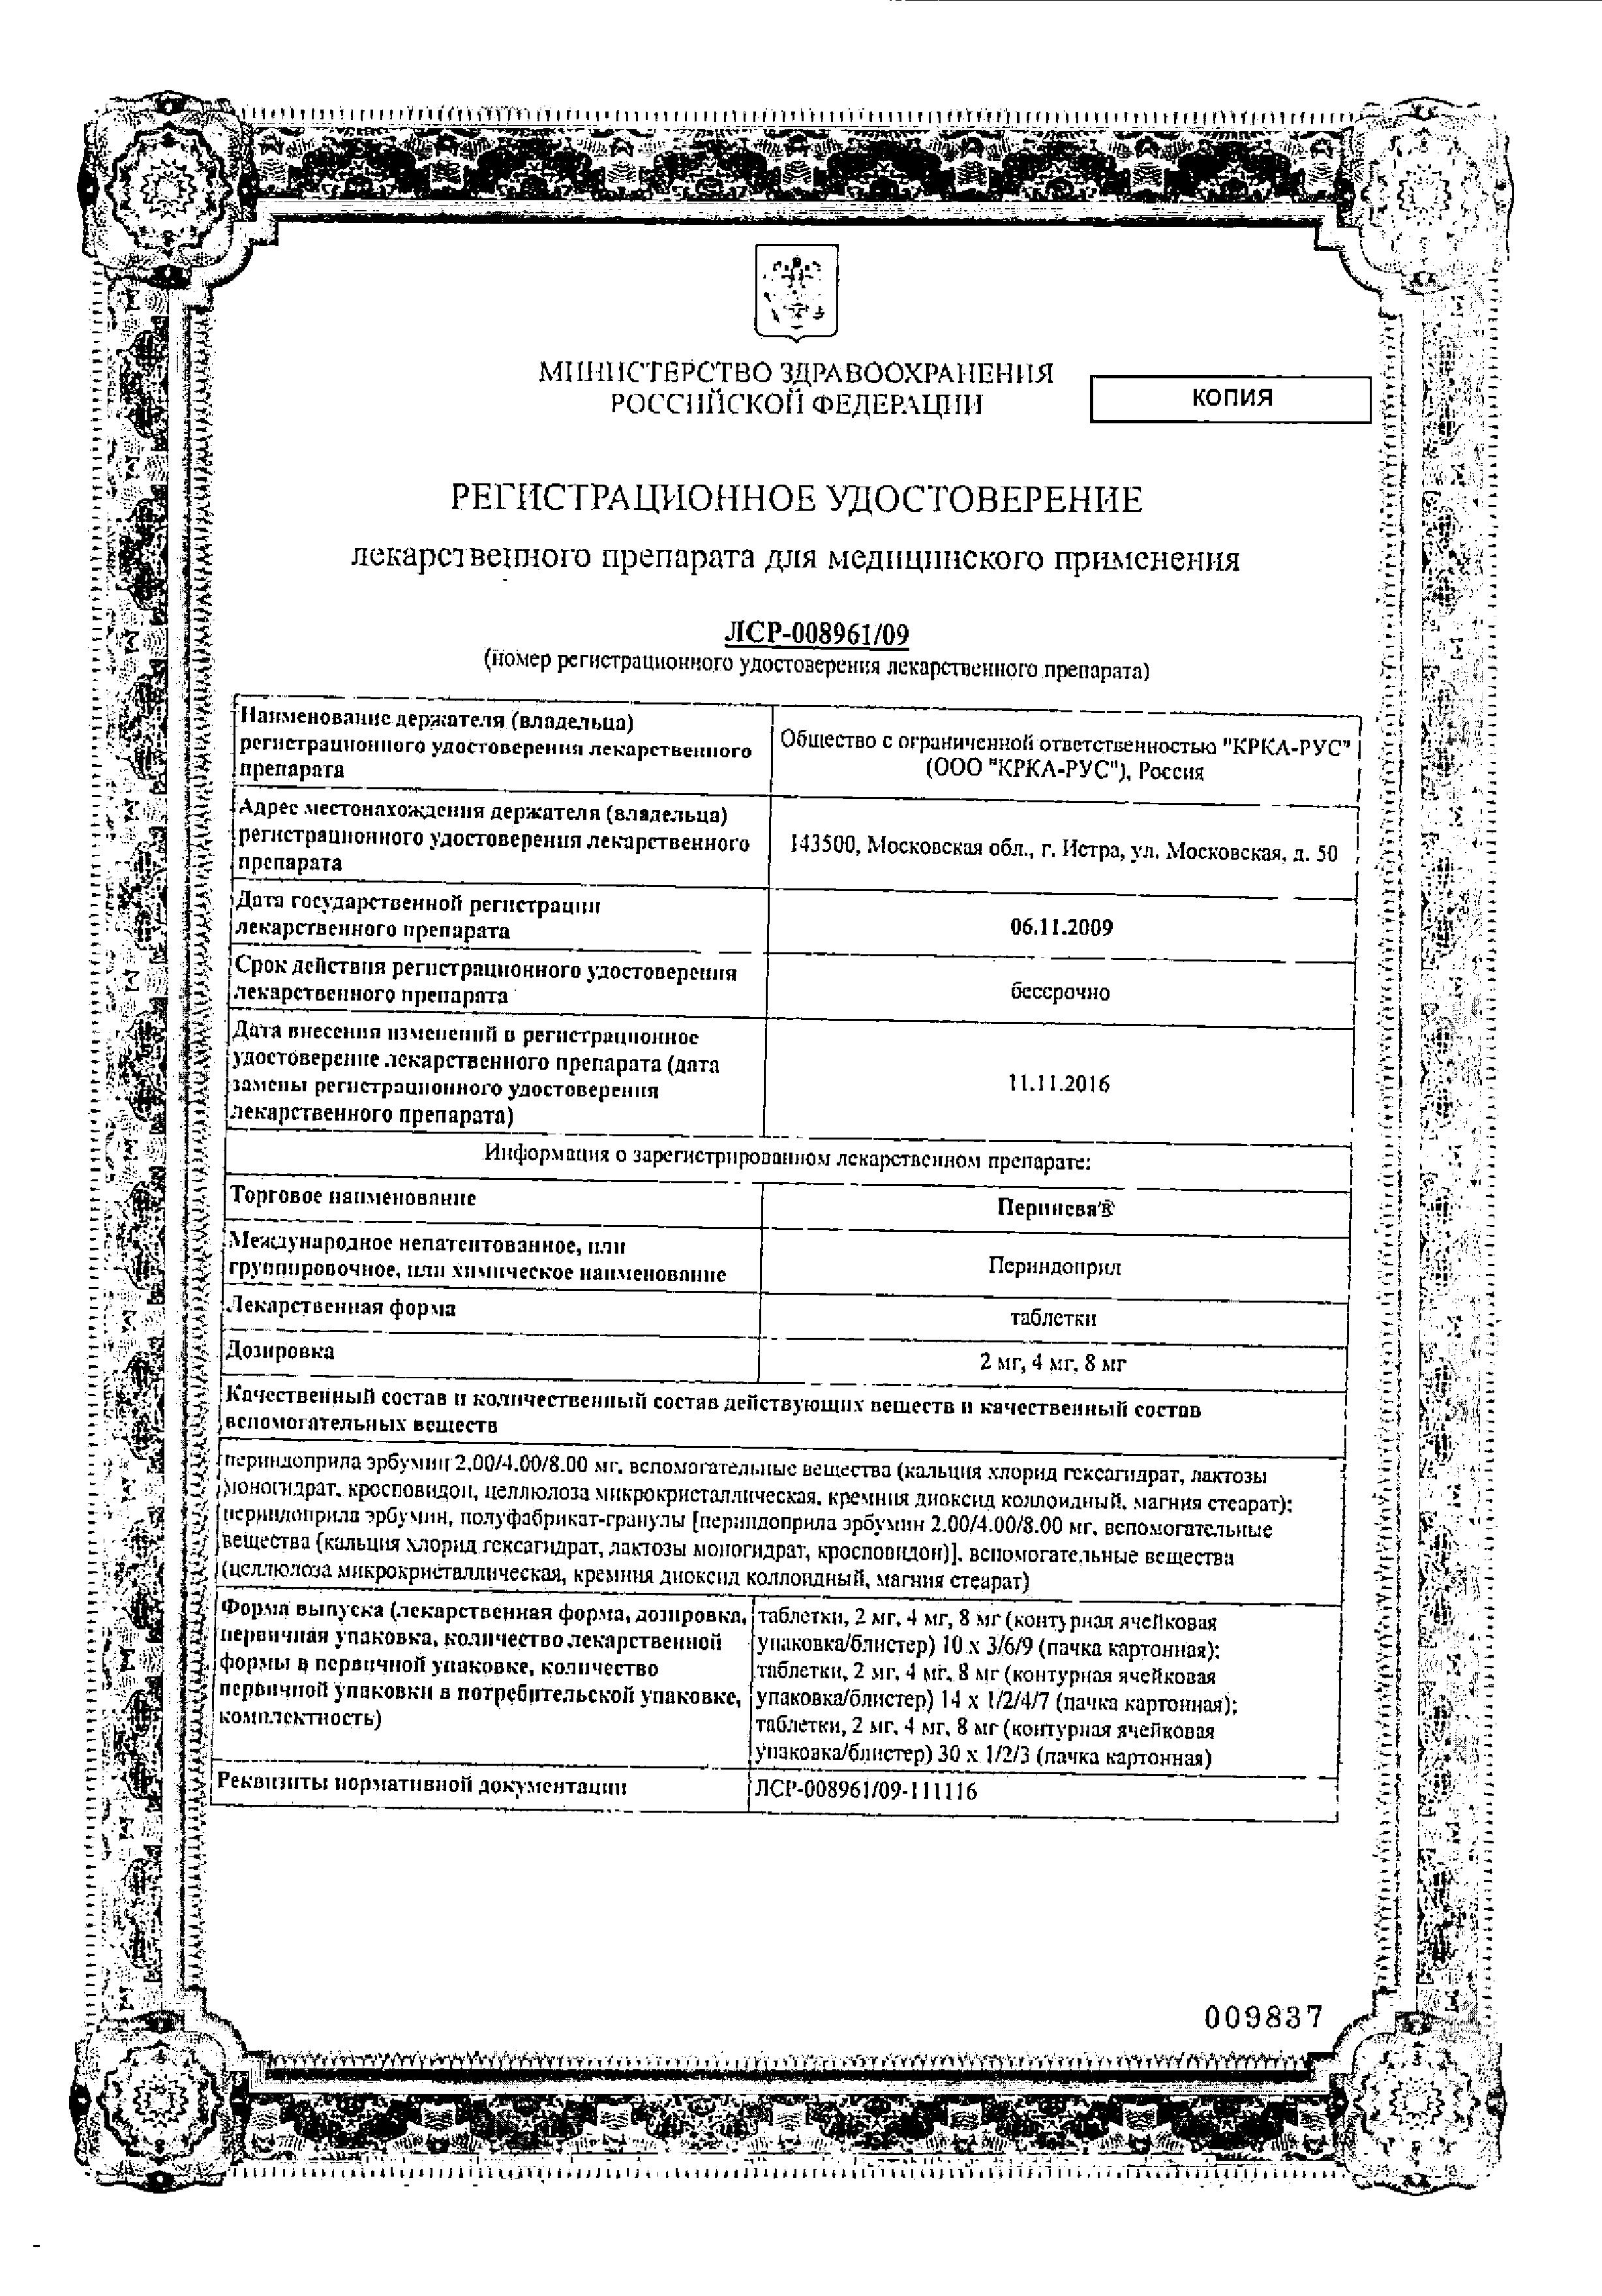 Перинева сертификат